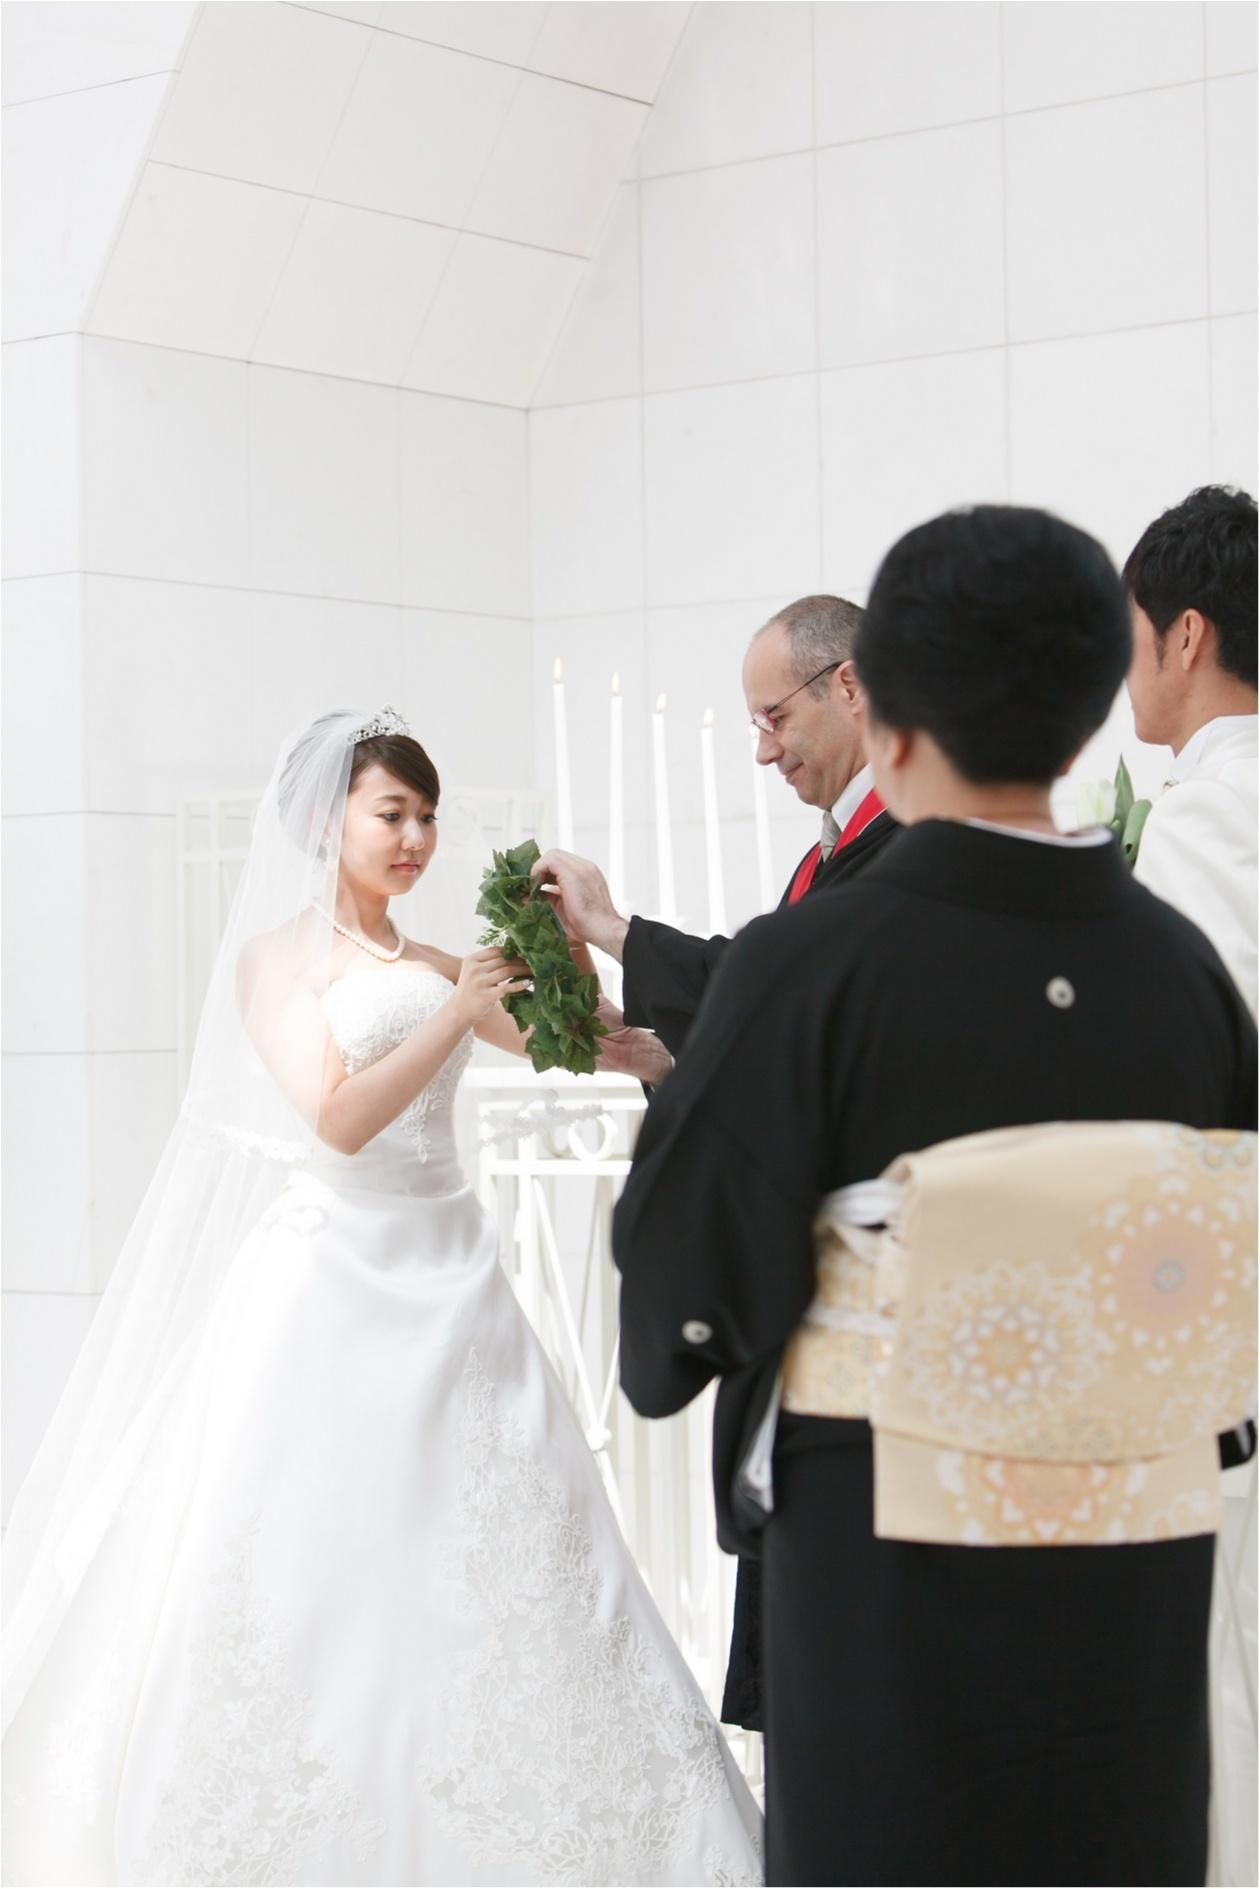 【2】都心のど真ん中で独立型チャペルでの挙式が叶う!#さち婚_13